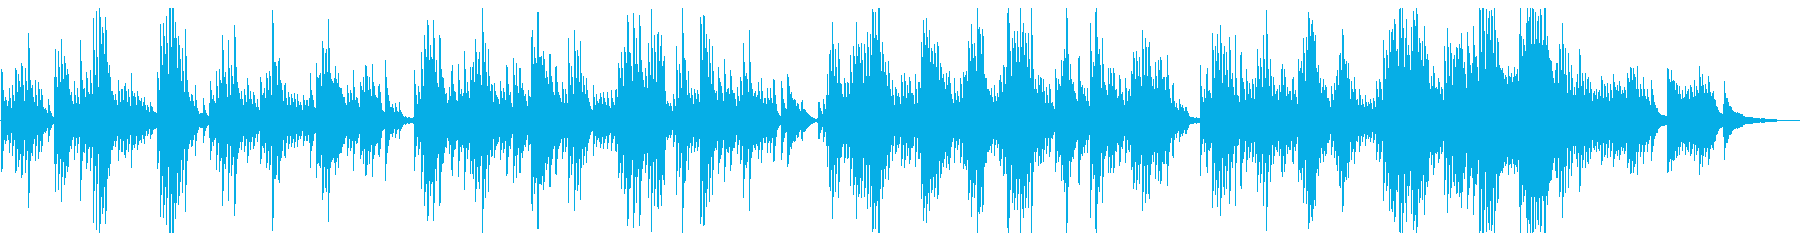 静けさと穏やかさを感じるピアノ曲ですの再生済みの波形